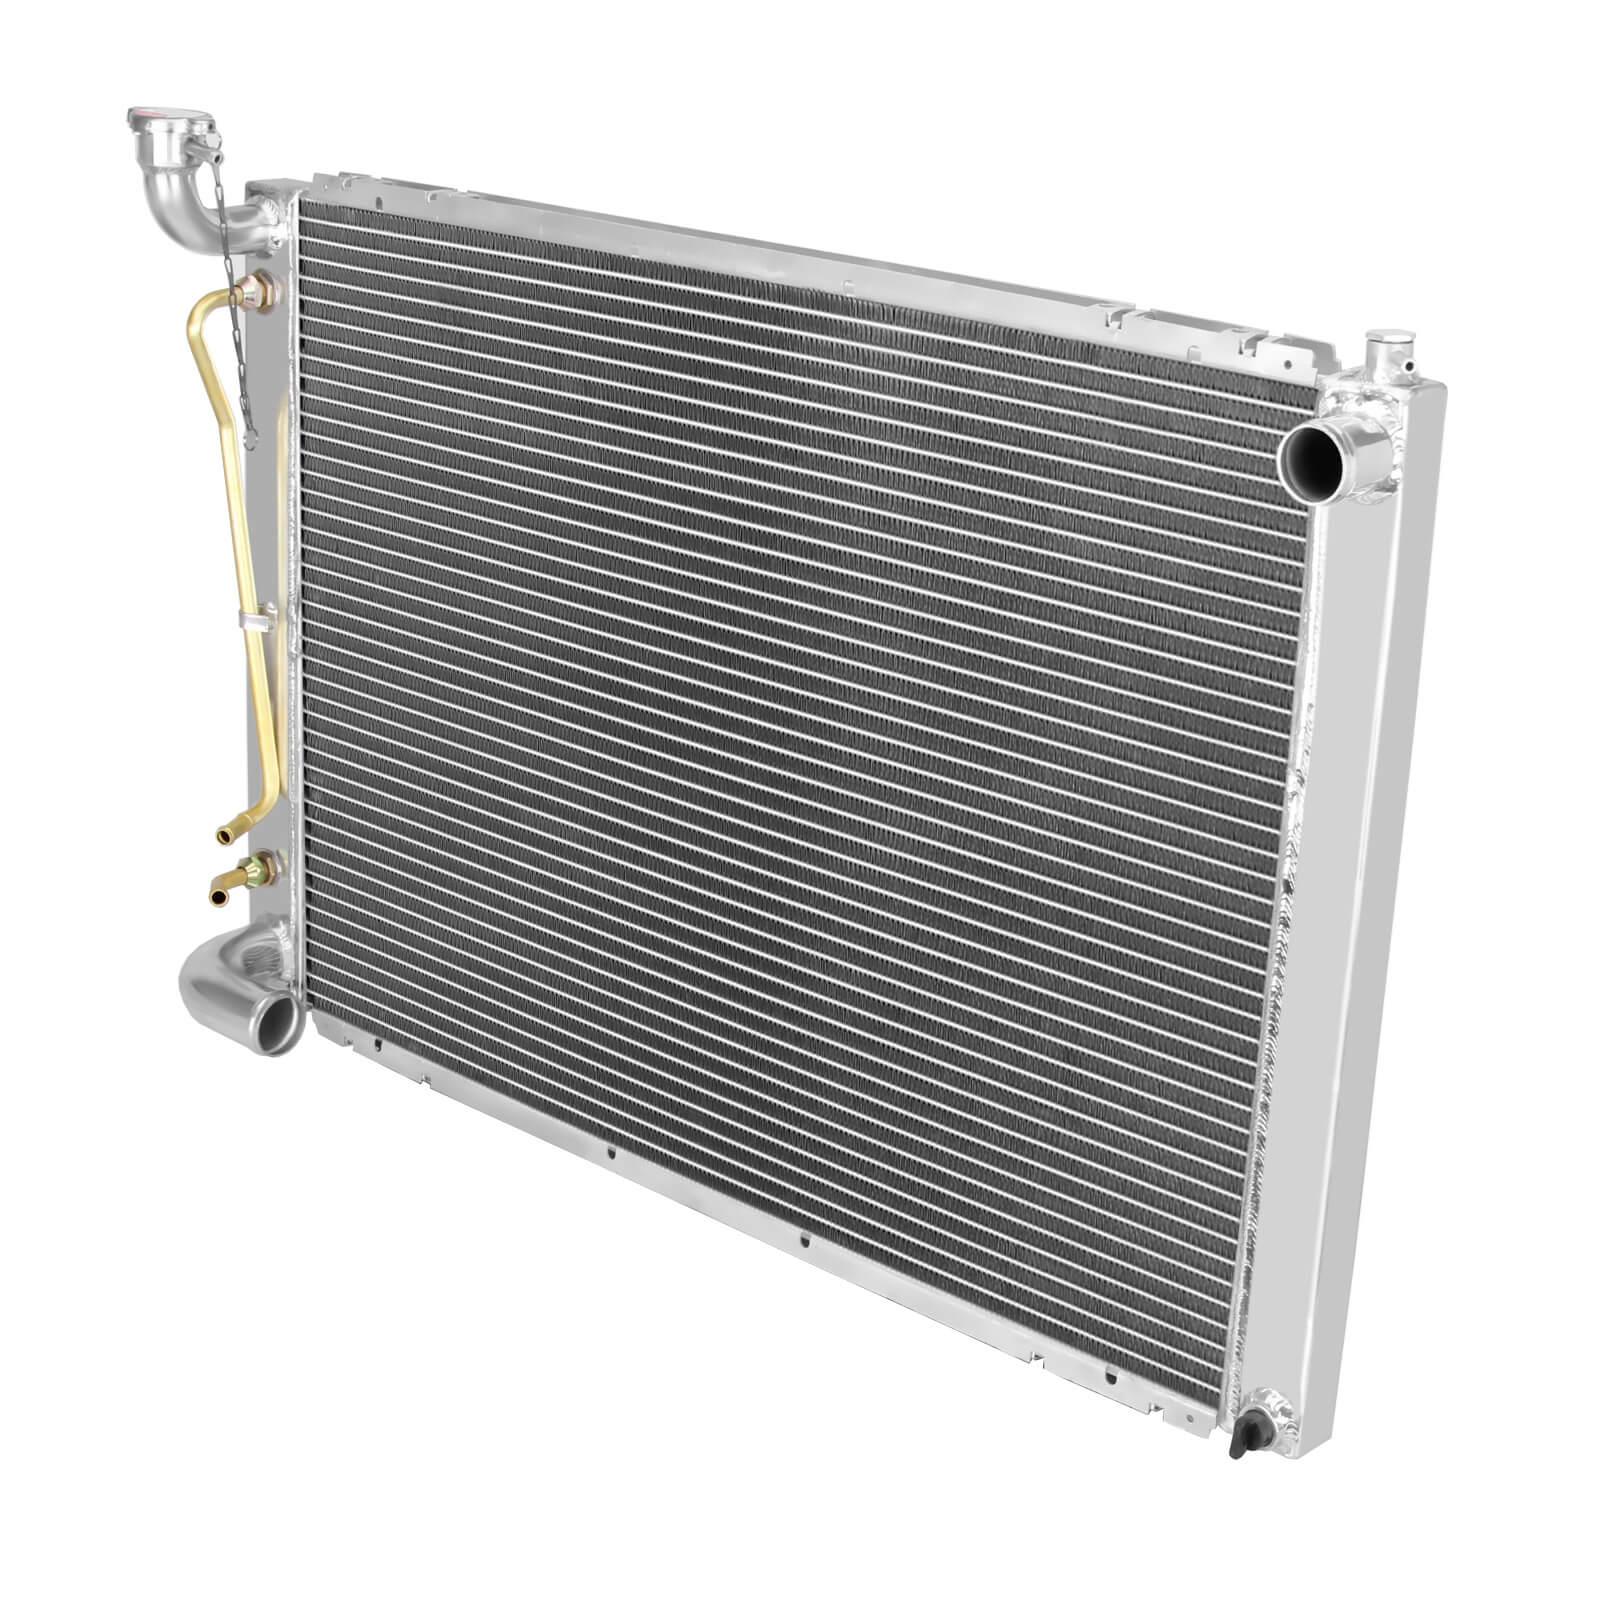 Dromedary-High Quality New 2688 Full Aluminum Radiator For Lexus Rx 330 33-202-v6-1